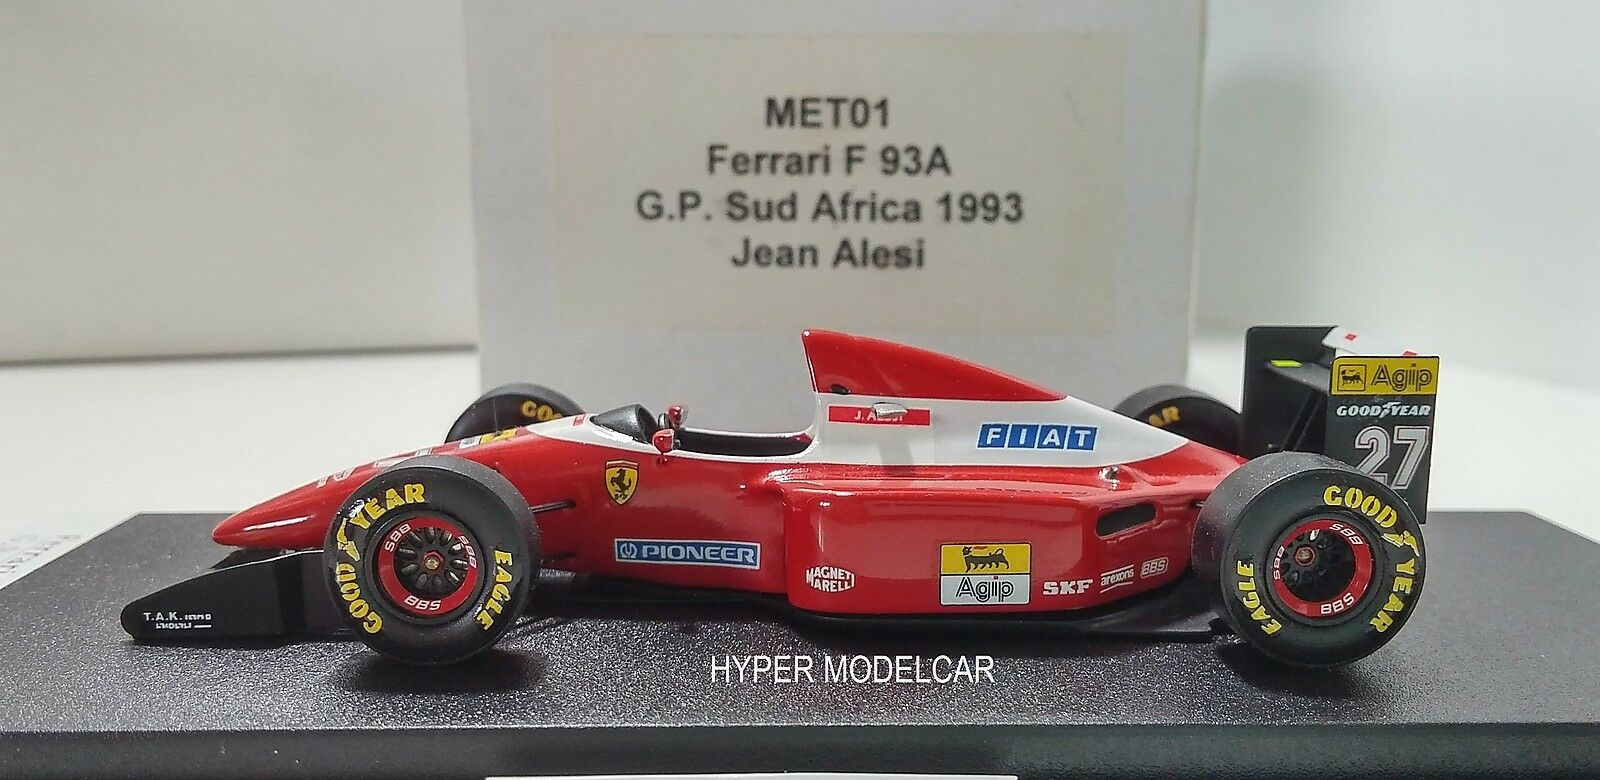 BBR Model Kit 1/43 F1 Ferrari F93A  27 Gp South Africa 1993 J. Alesi Art. MET01